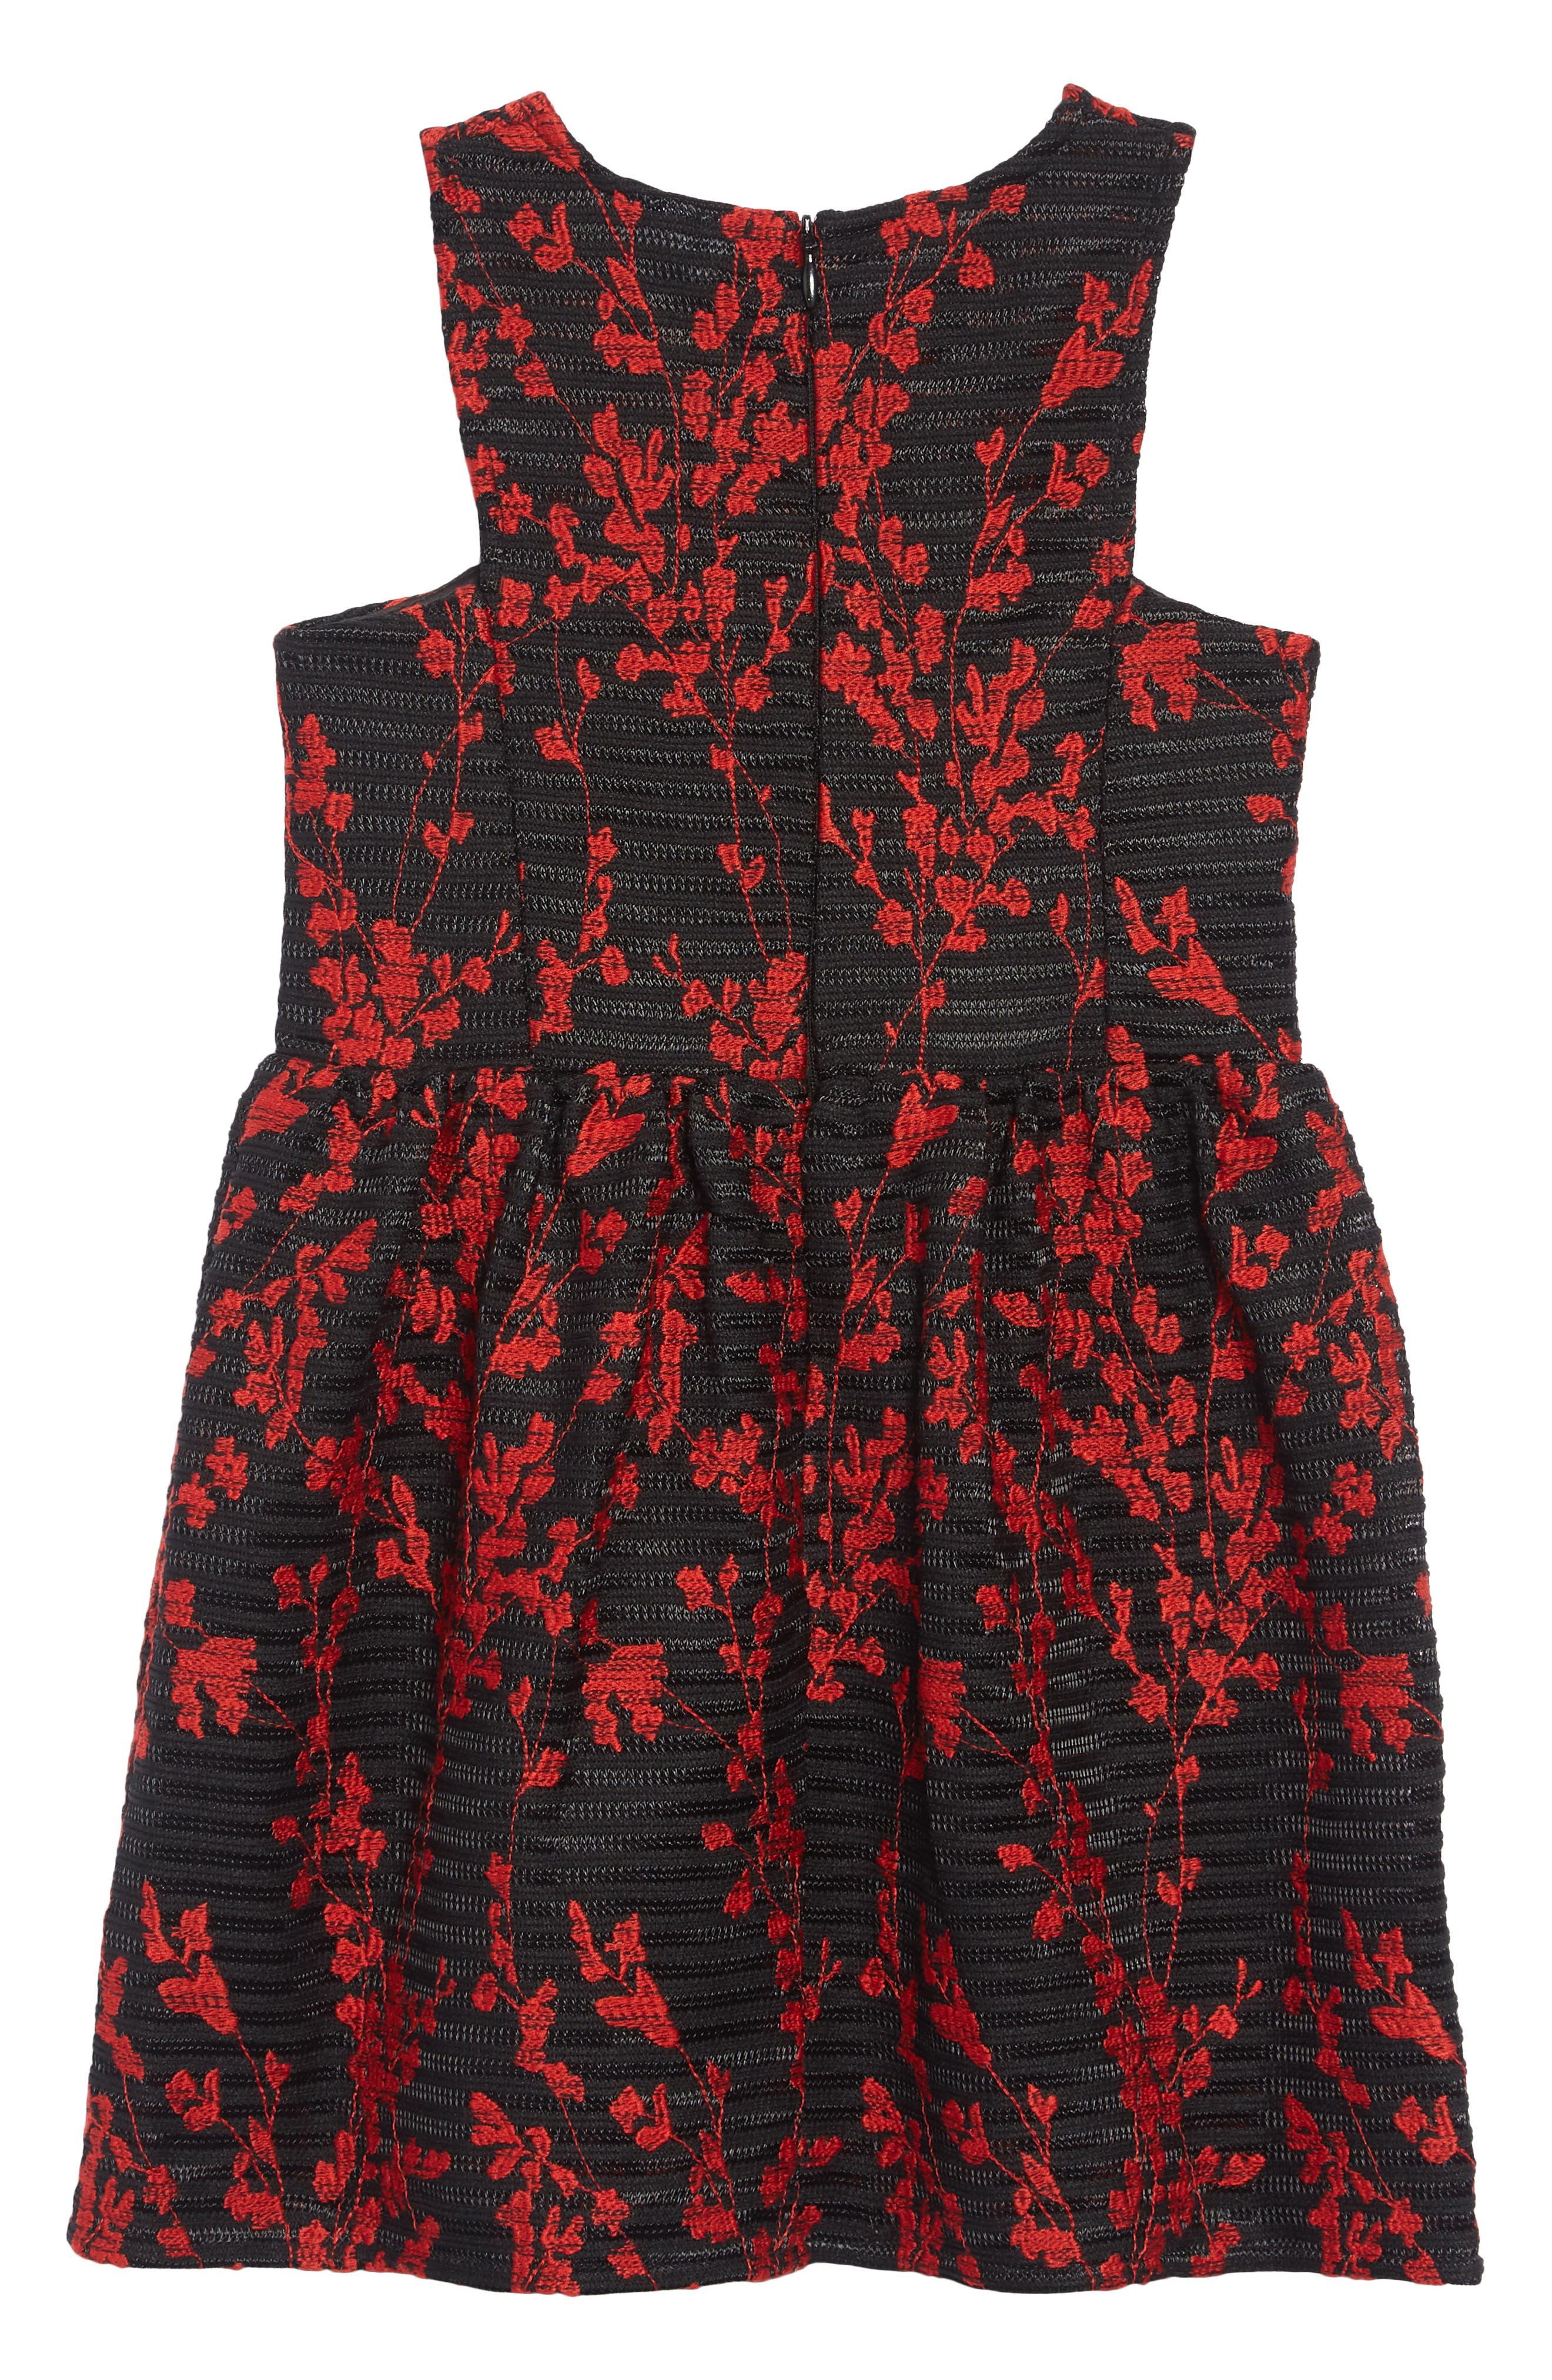 Mercer Flower Embroidered Dress,                             Alternate thumbnail 2, color,                             BLACK